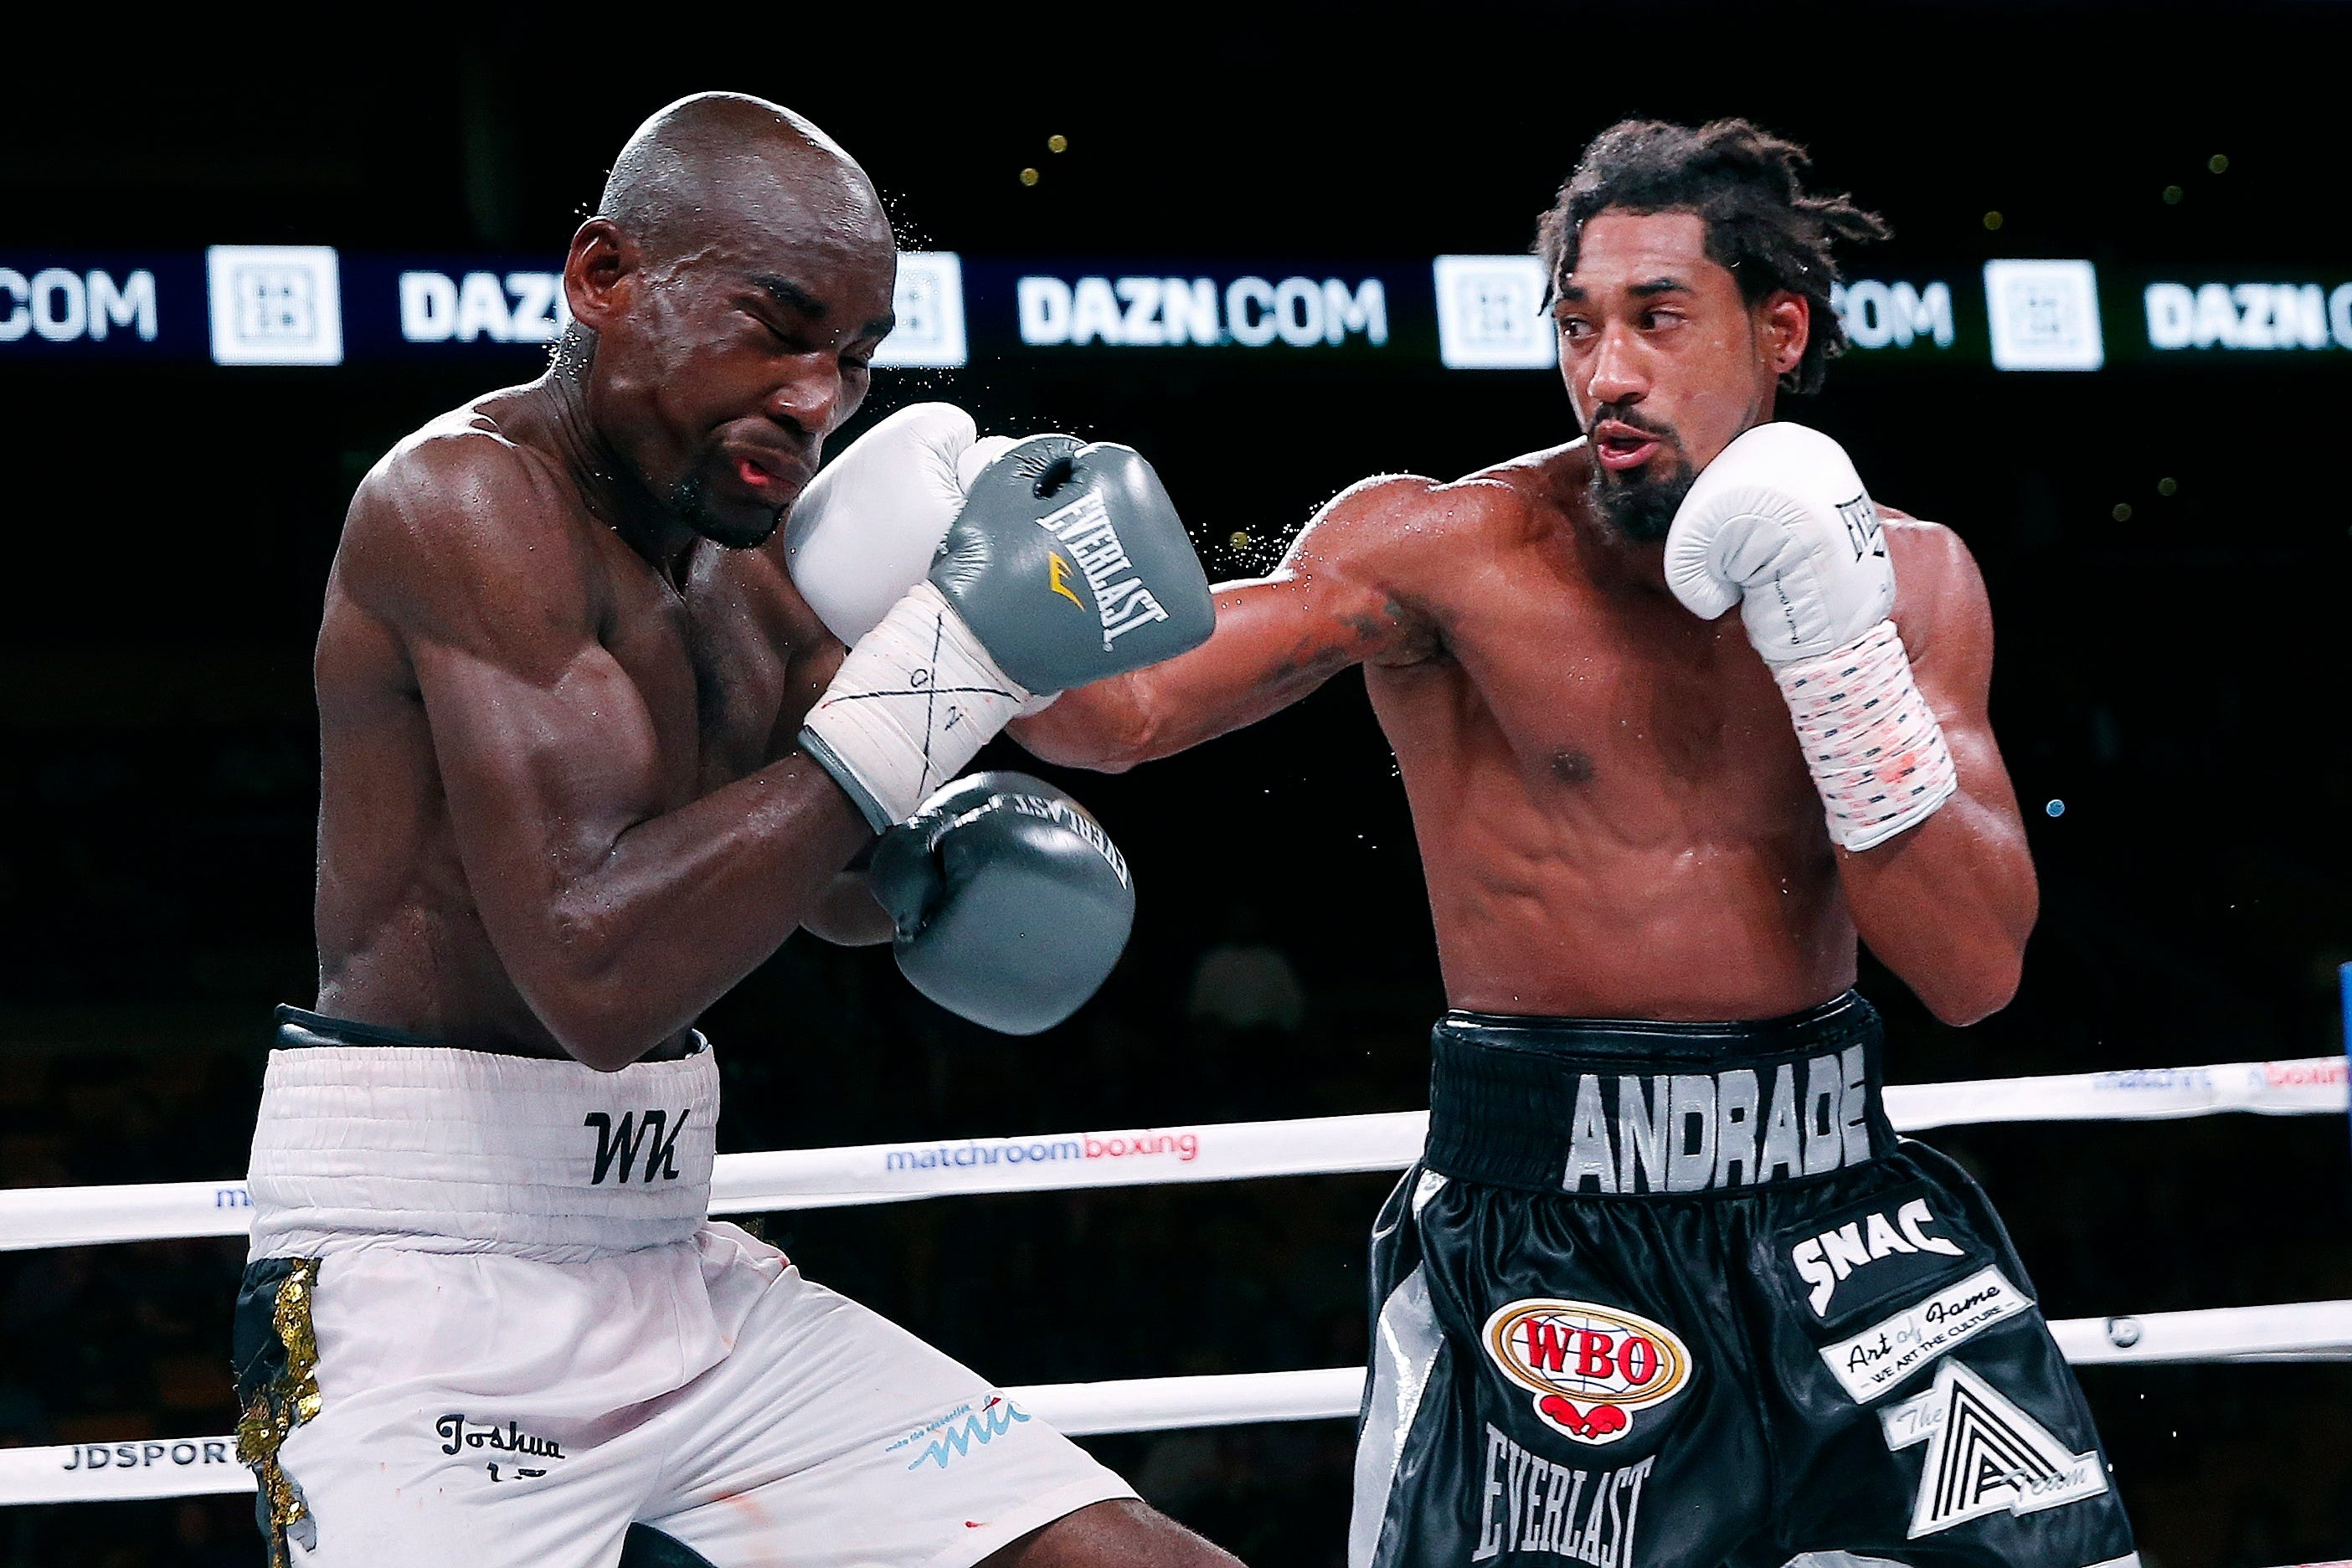 Andrade beats Kautondokwa for WBO middleweight title